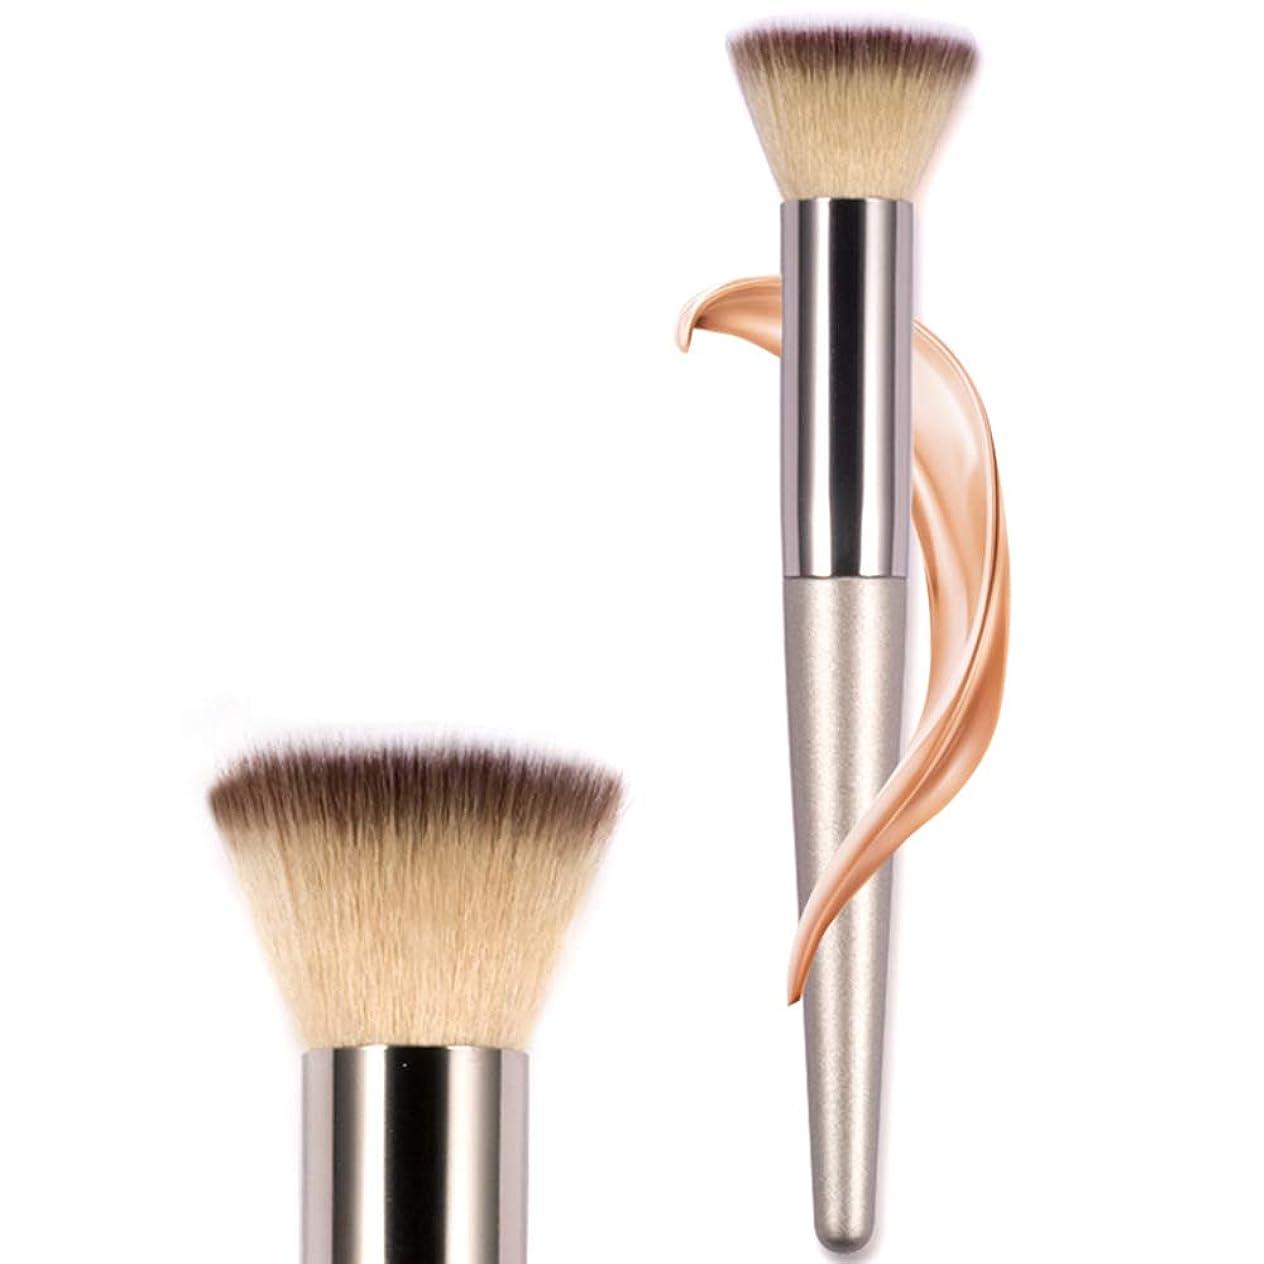 噛むデッド特許XULHKA 必要な構造の化粧品用具のための基礎ブラシのバフ磨きコンシーラーのブラシ